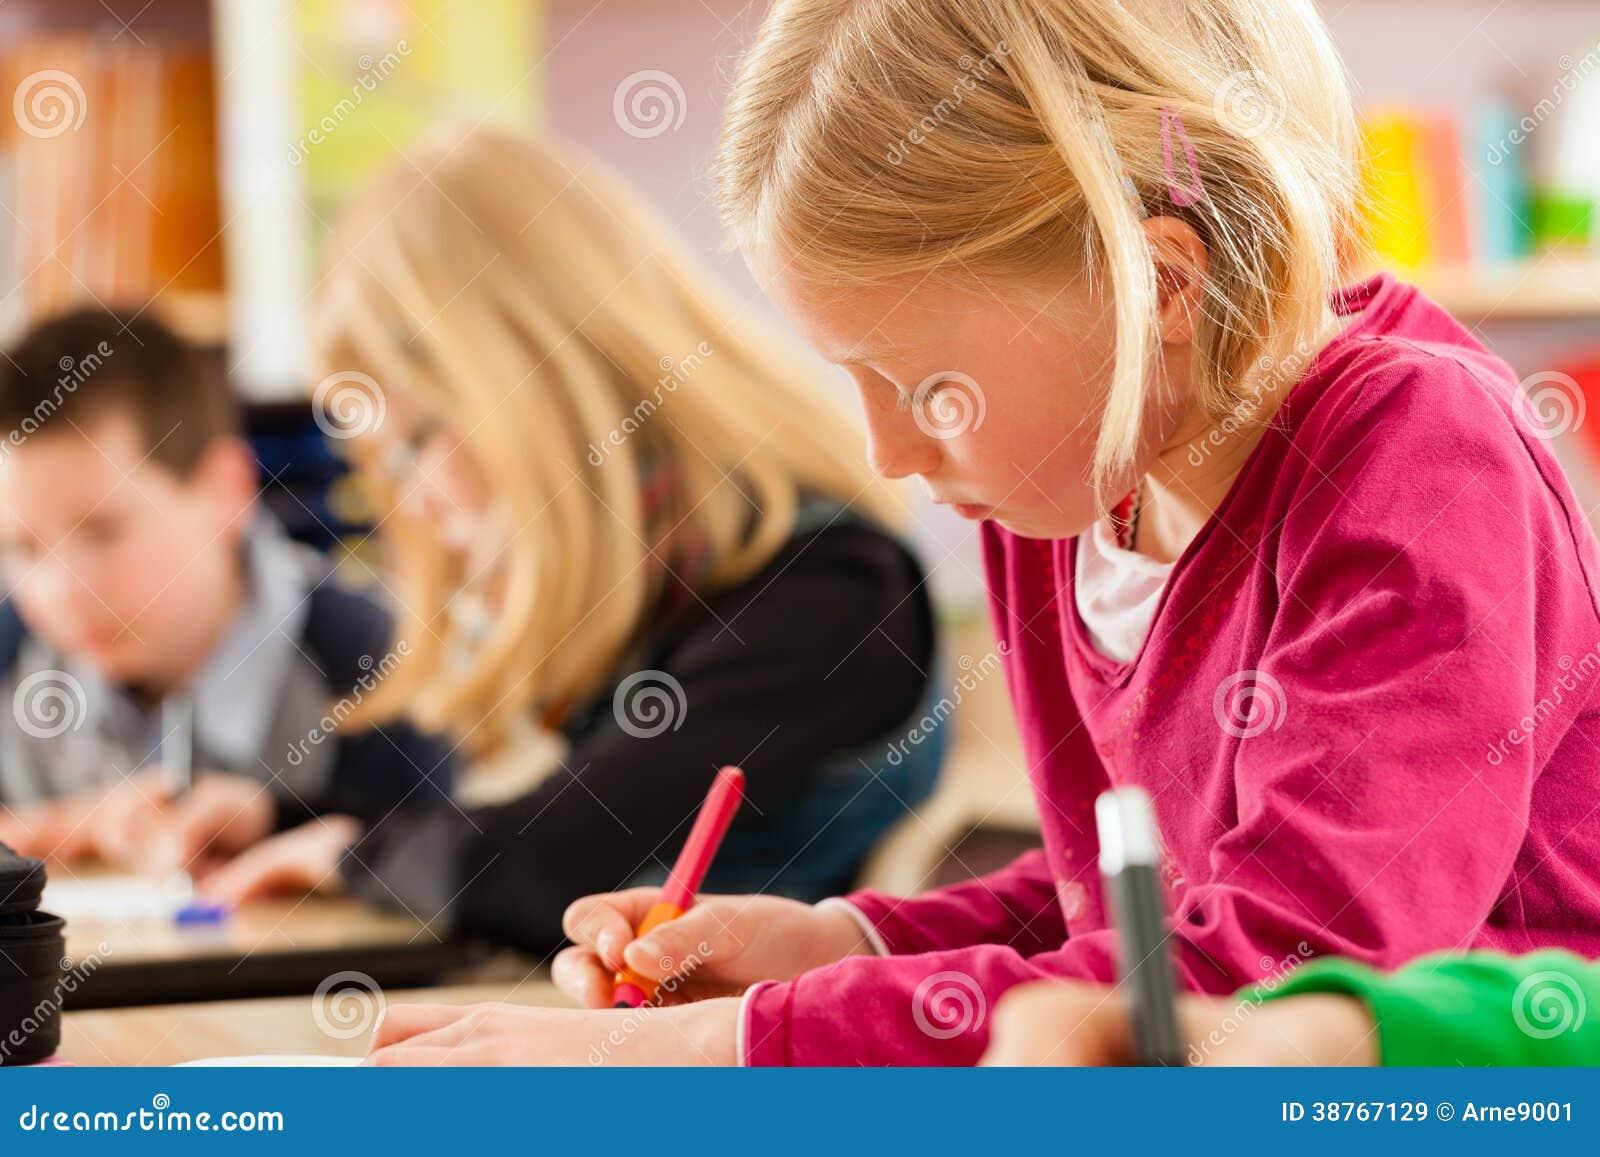 教育-学生在做家庭作业的学校